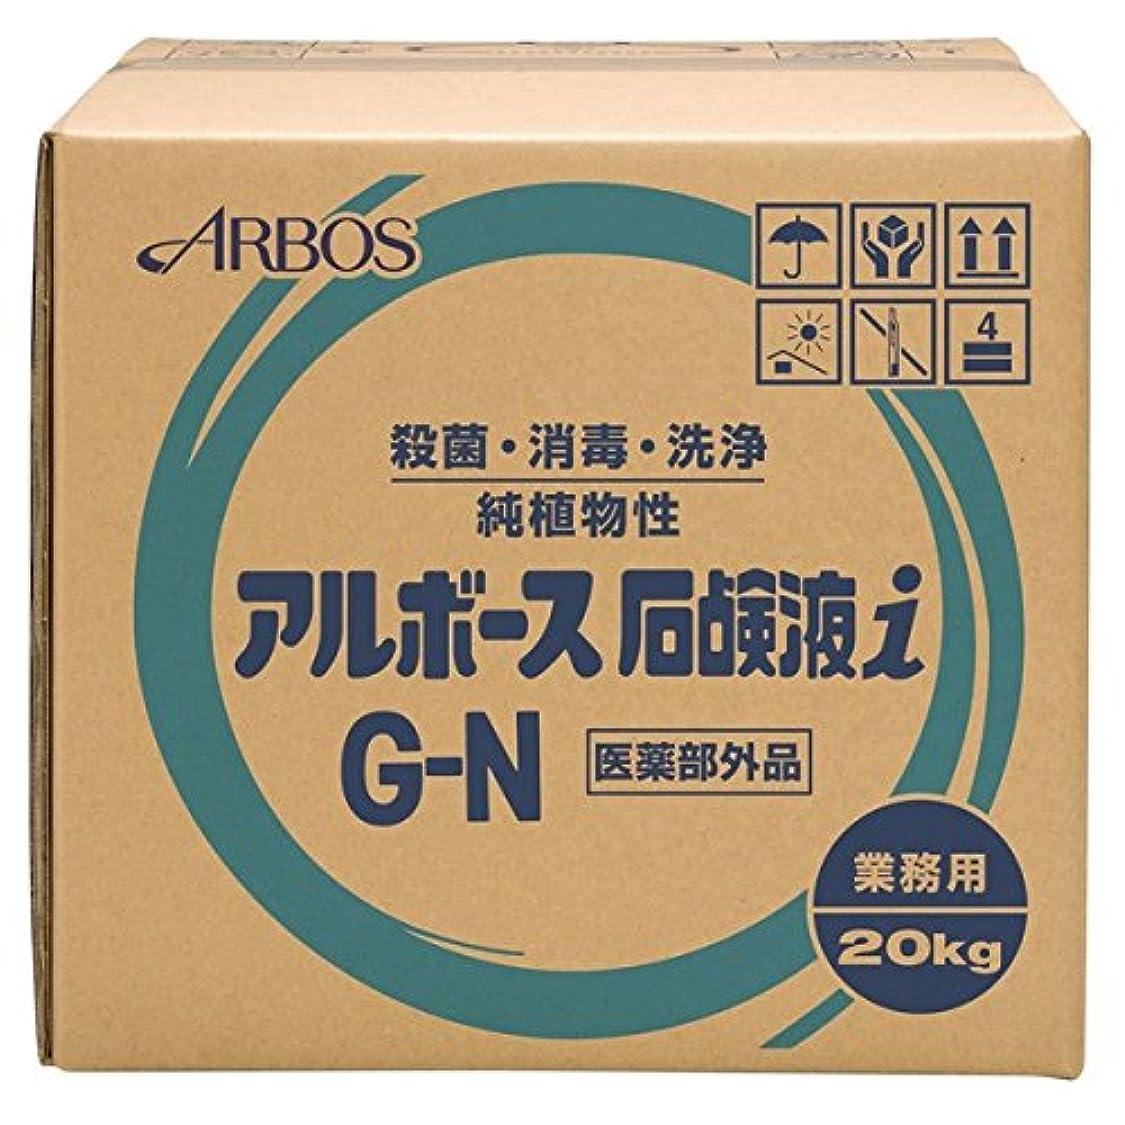 感覚不誠実神経衰弱アルボース 薬用ハンドソープ アルボース石鹸液i G-N 濃縮タイプ 20kg